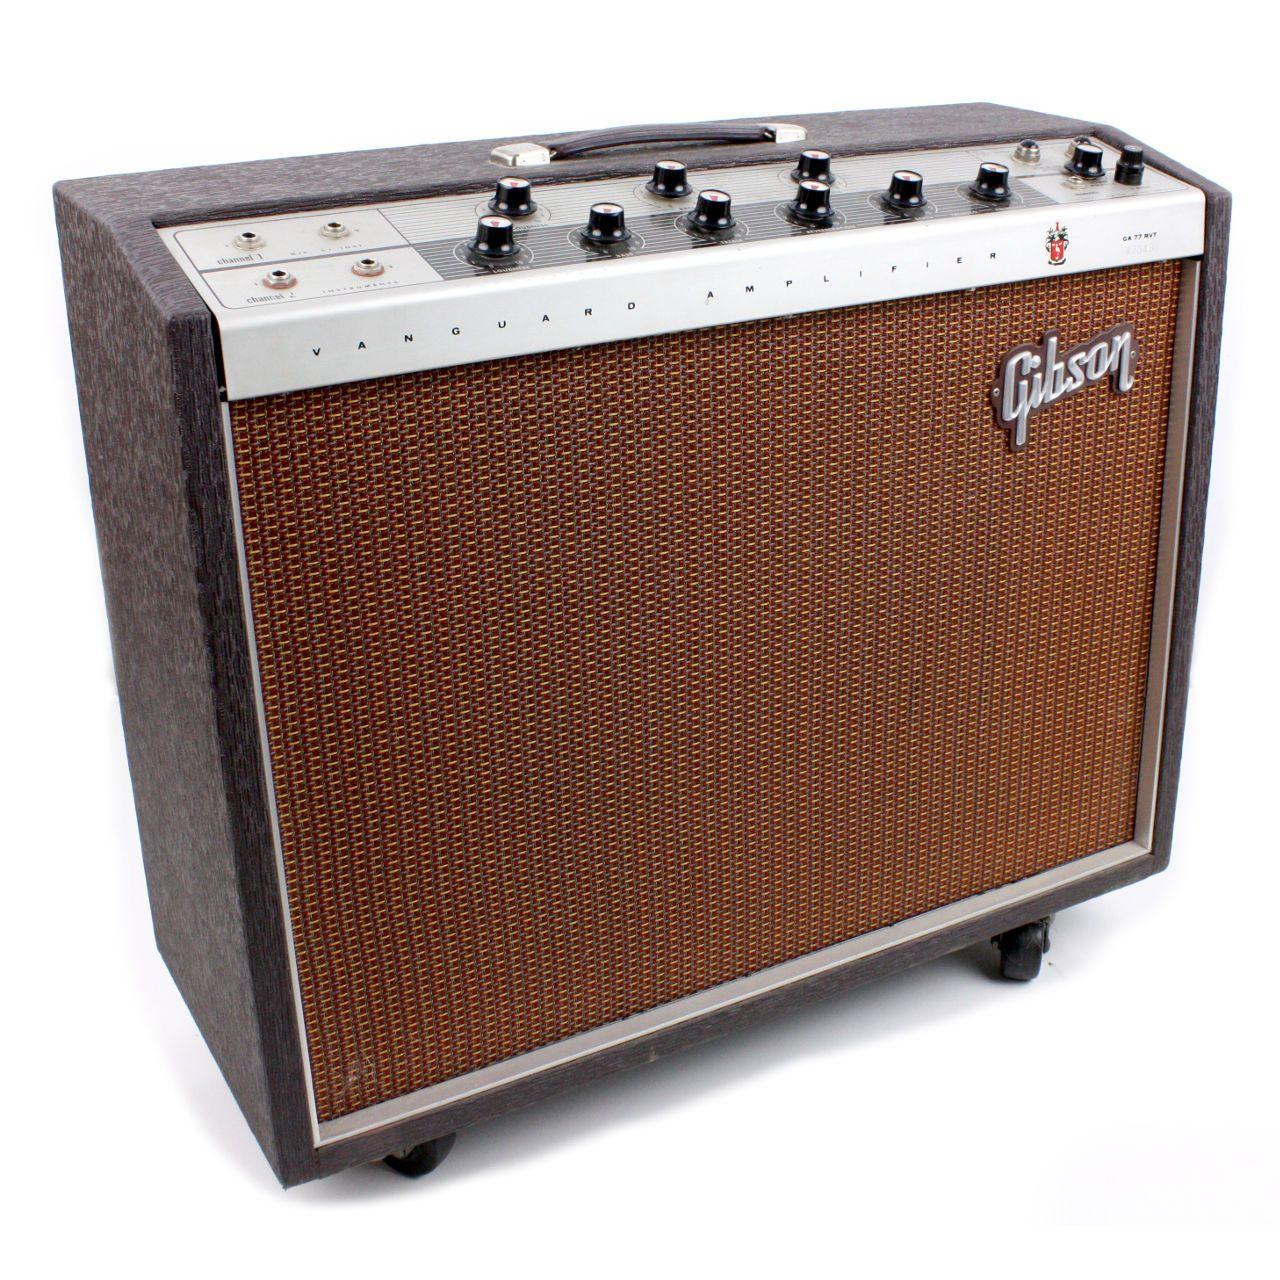 1965 gibson ga 77 rvt vanguard amp vintage guitar amps sonics vintage guitars gibson. Black Bedroom Furniture Sets. Home Design Ideas